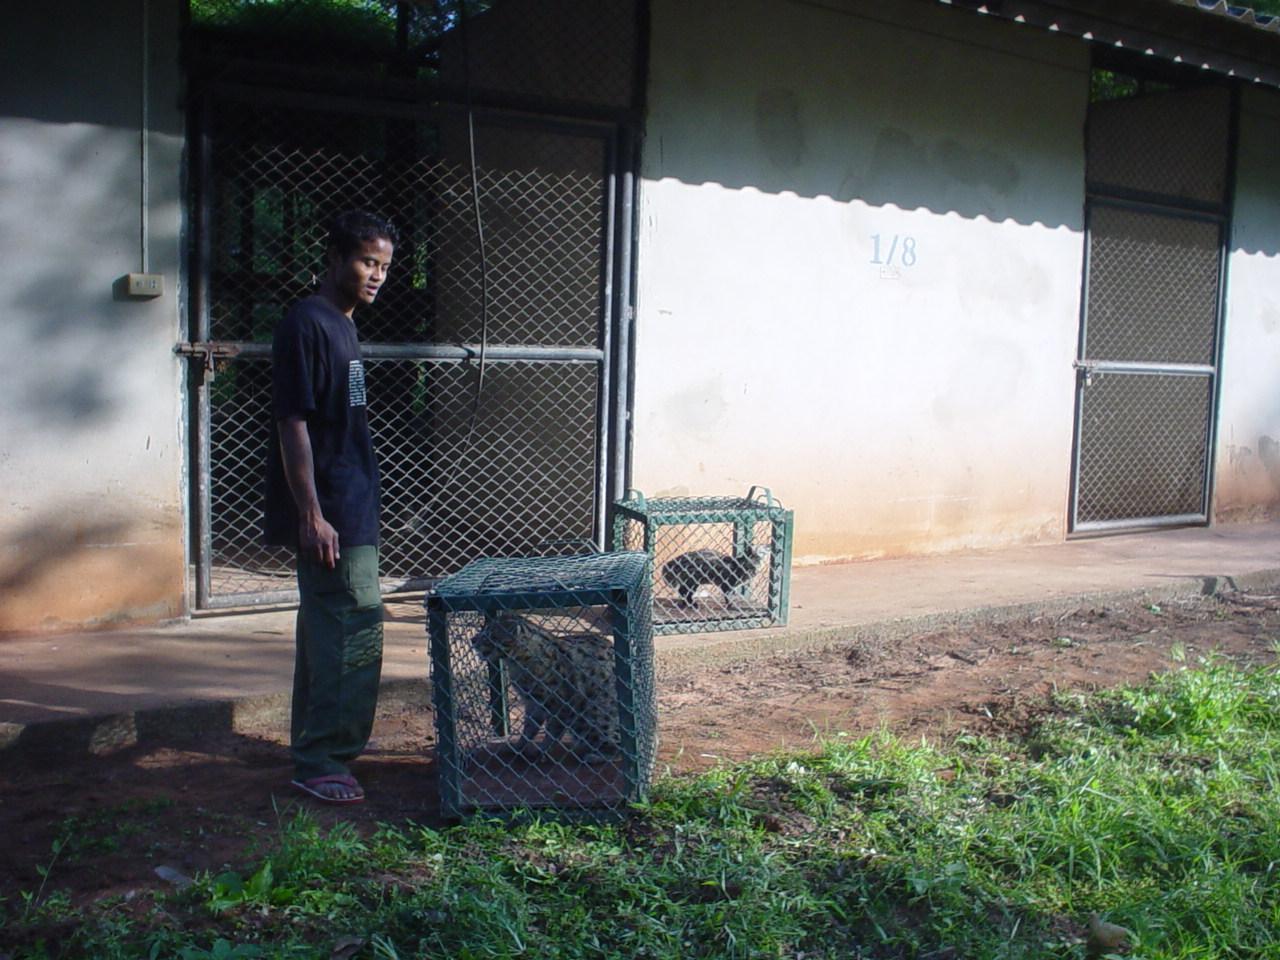 หนุ่มยืนรอเคลื่อนย้ายเสือปลาเข้าที่อยู่อาศัยใหม่ที่สถานีของกรมอุทยานฯ